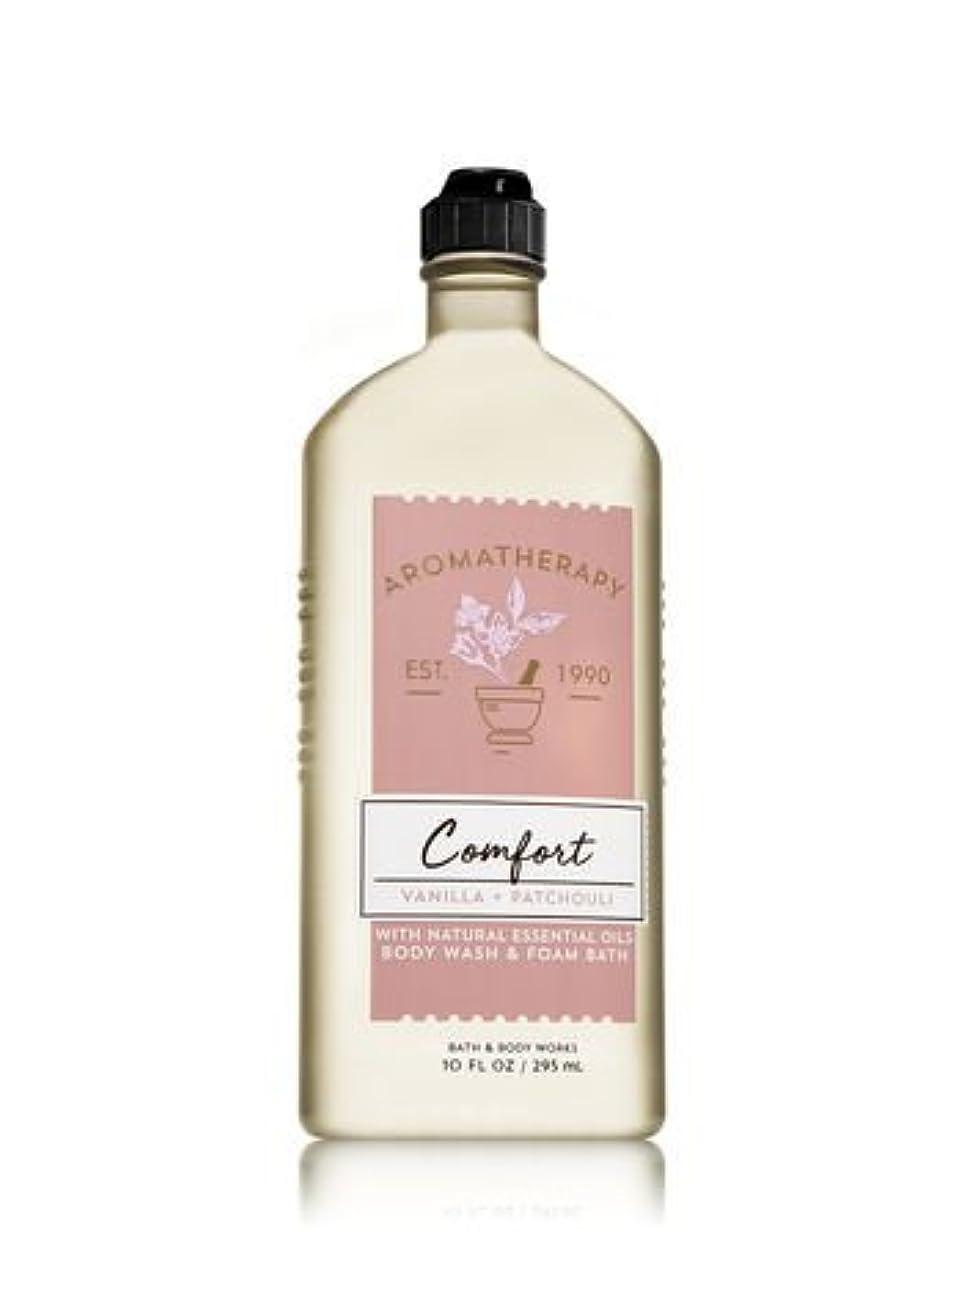 安いです防水思い出す【Bath&Body Works/バス&ボディワークス】 ボディウォッシュ&フォームバス アロマセラピー コンフォート バニラパチョリ Body Wash & Foam Bath Aromatherapy Comfort Vanilla Patchouli 10 fl oz / 295 mL [並行輸入品]